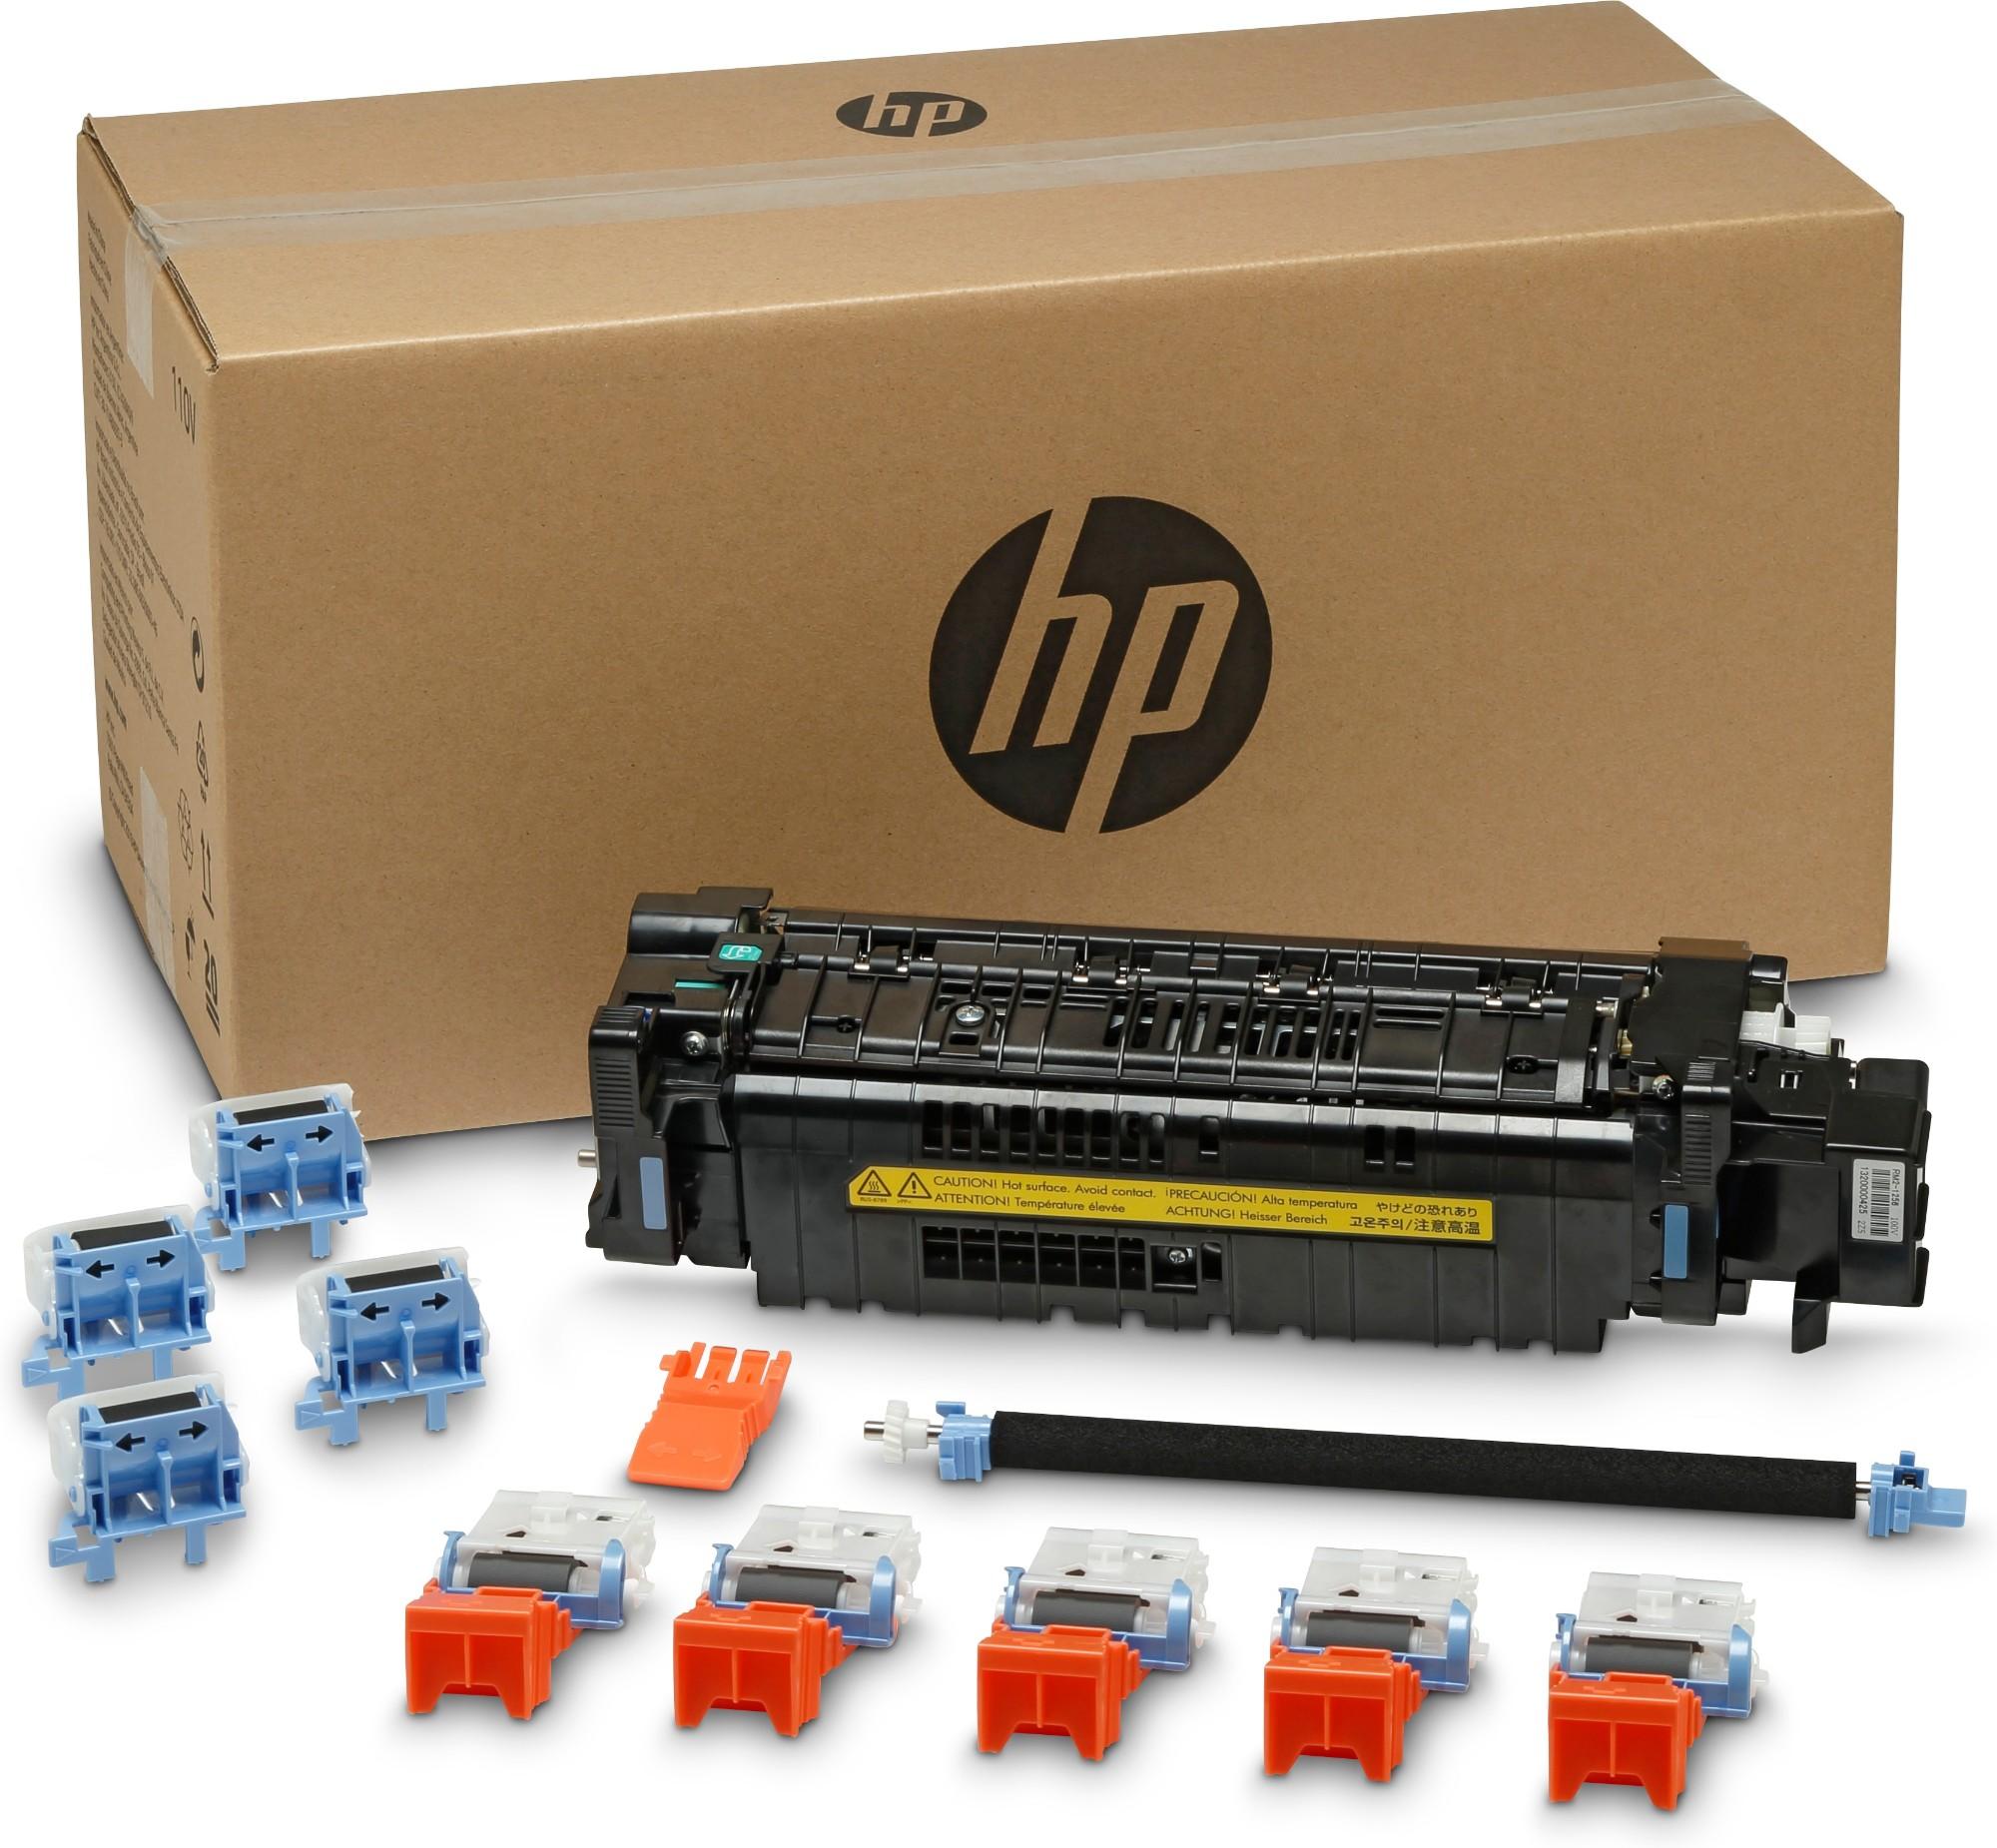 HP J8J87A kit para impresora Kit de reparación